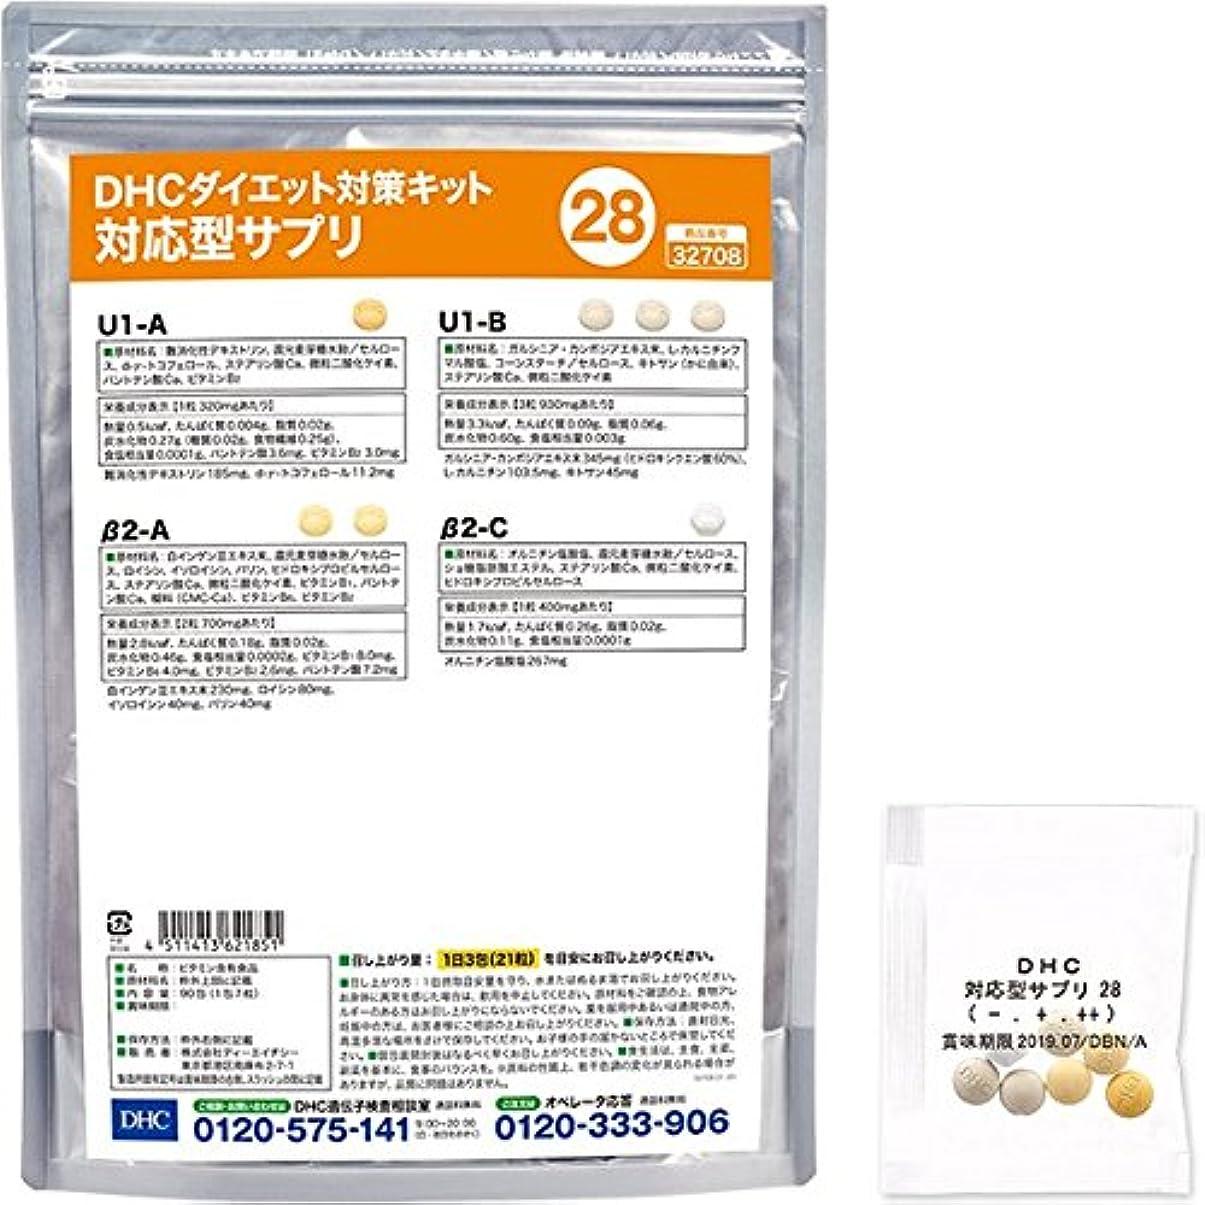 天慢生き物DHCダイエット対策キット対応型サプリ28